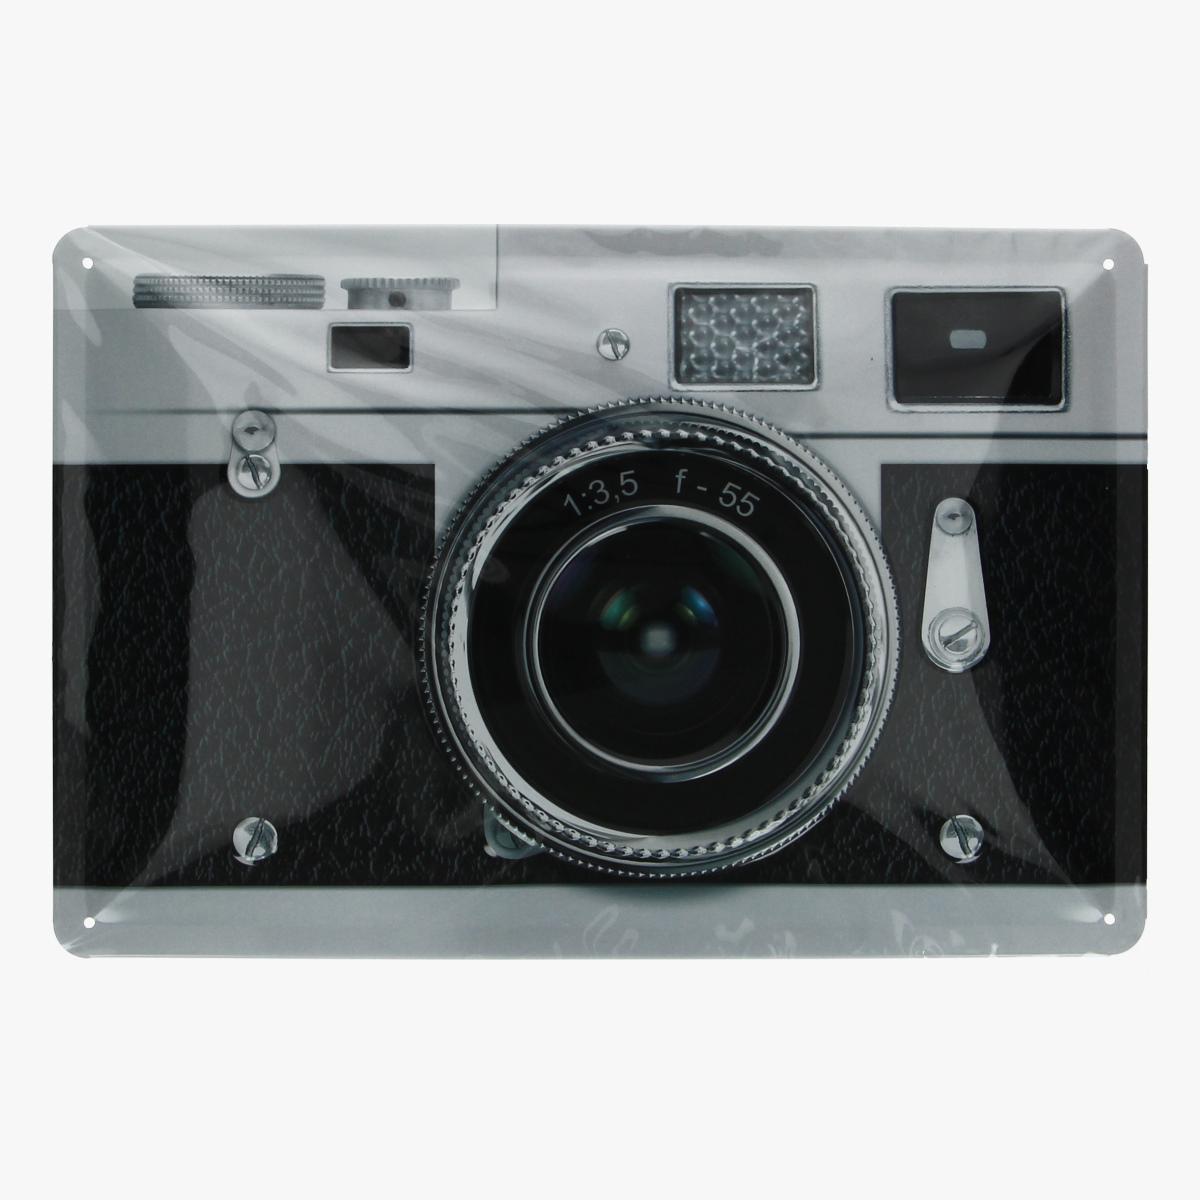 Afbeeldingen van blikken bordje foto camera geseald repro